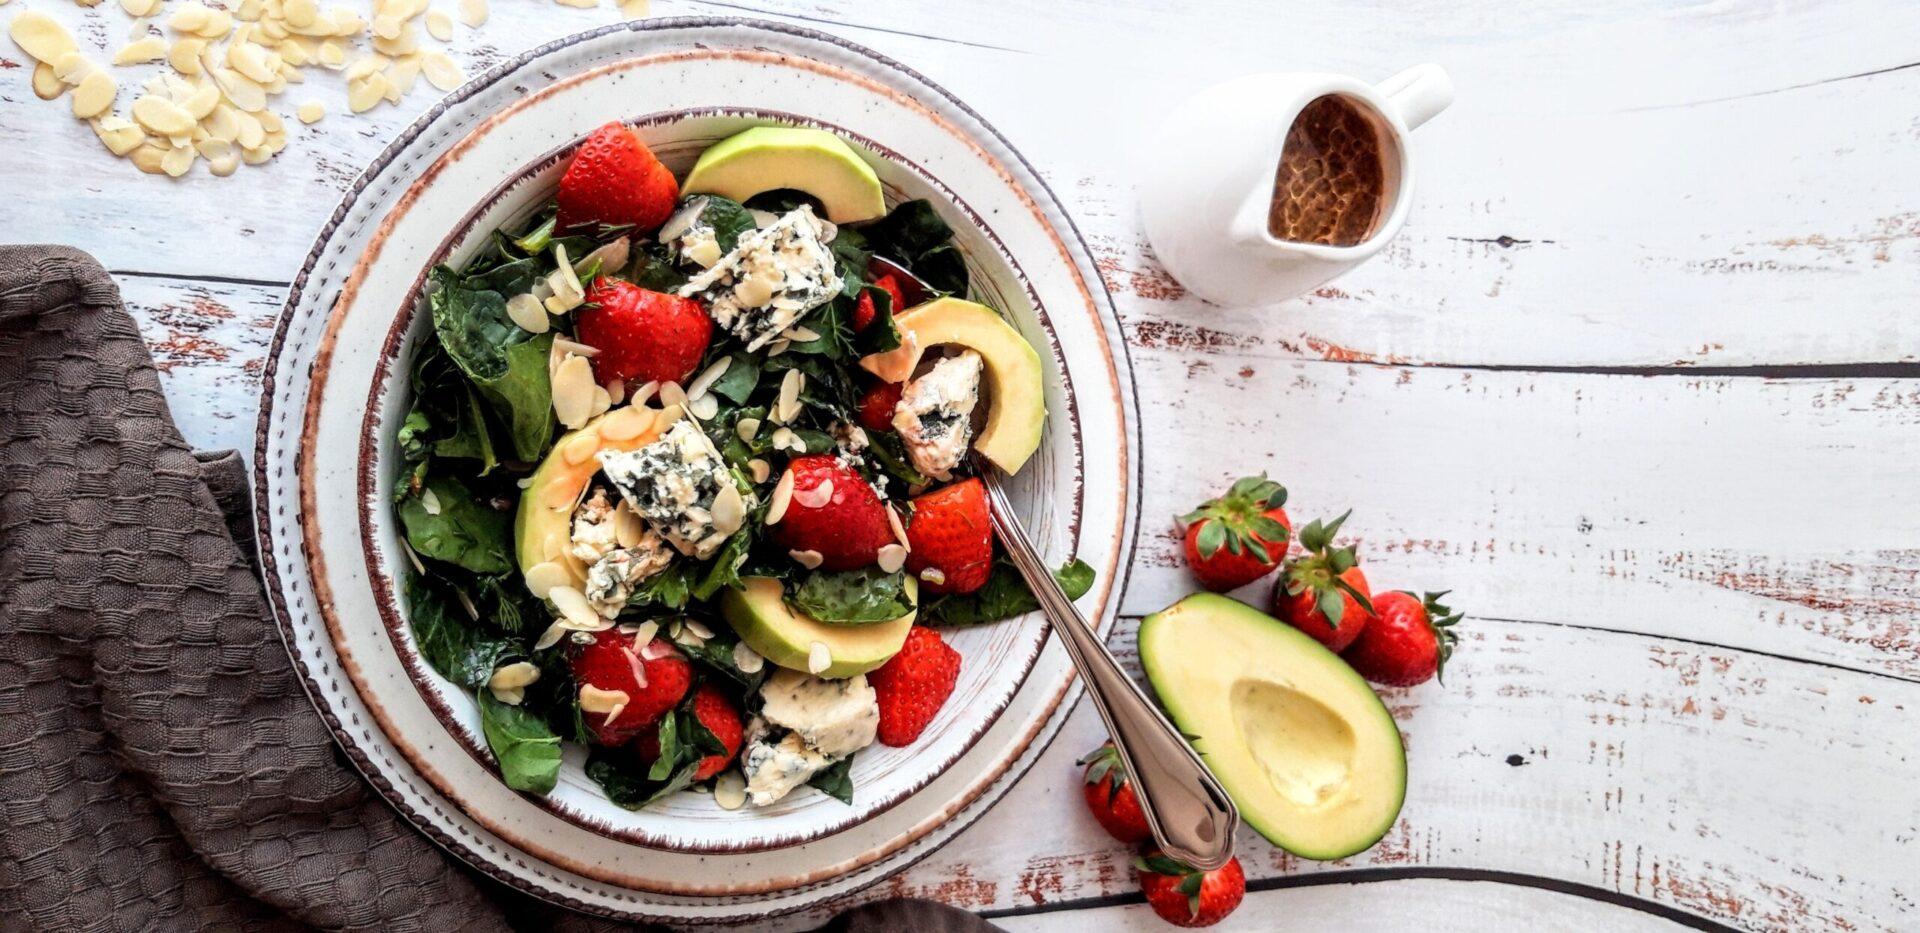 Σαλάτα με σπανάκι, φράουλες και blue cheese